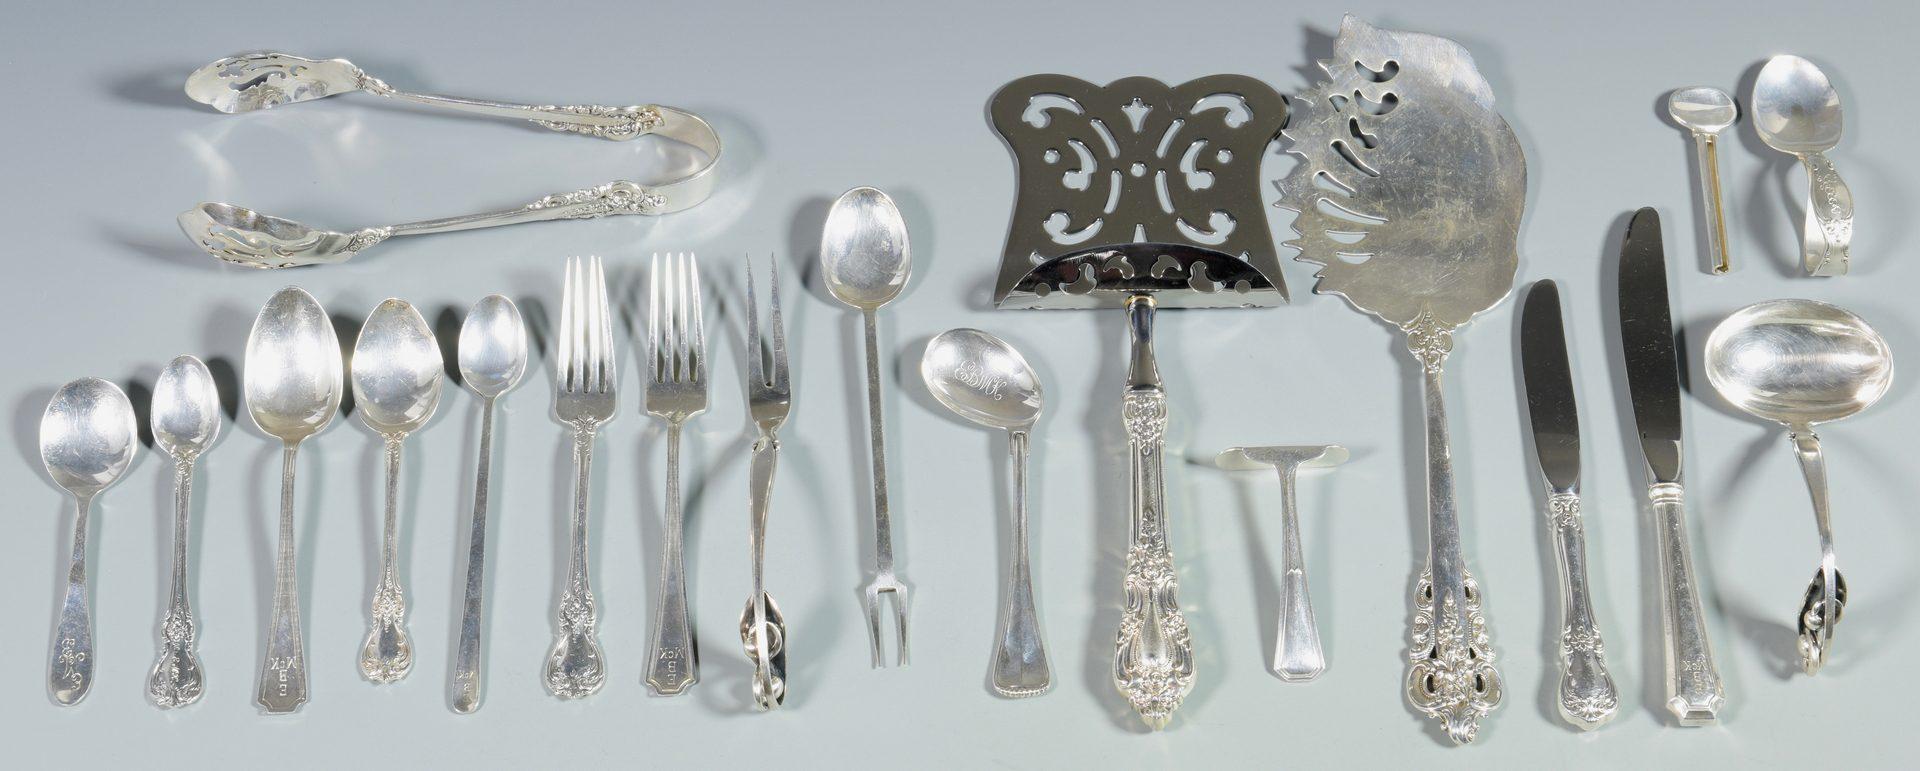 Lot 993: 19 pcs. flatware inc. serving pieces